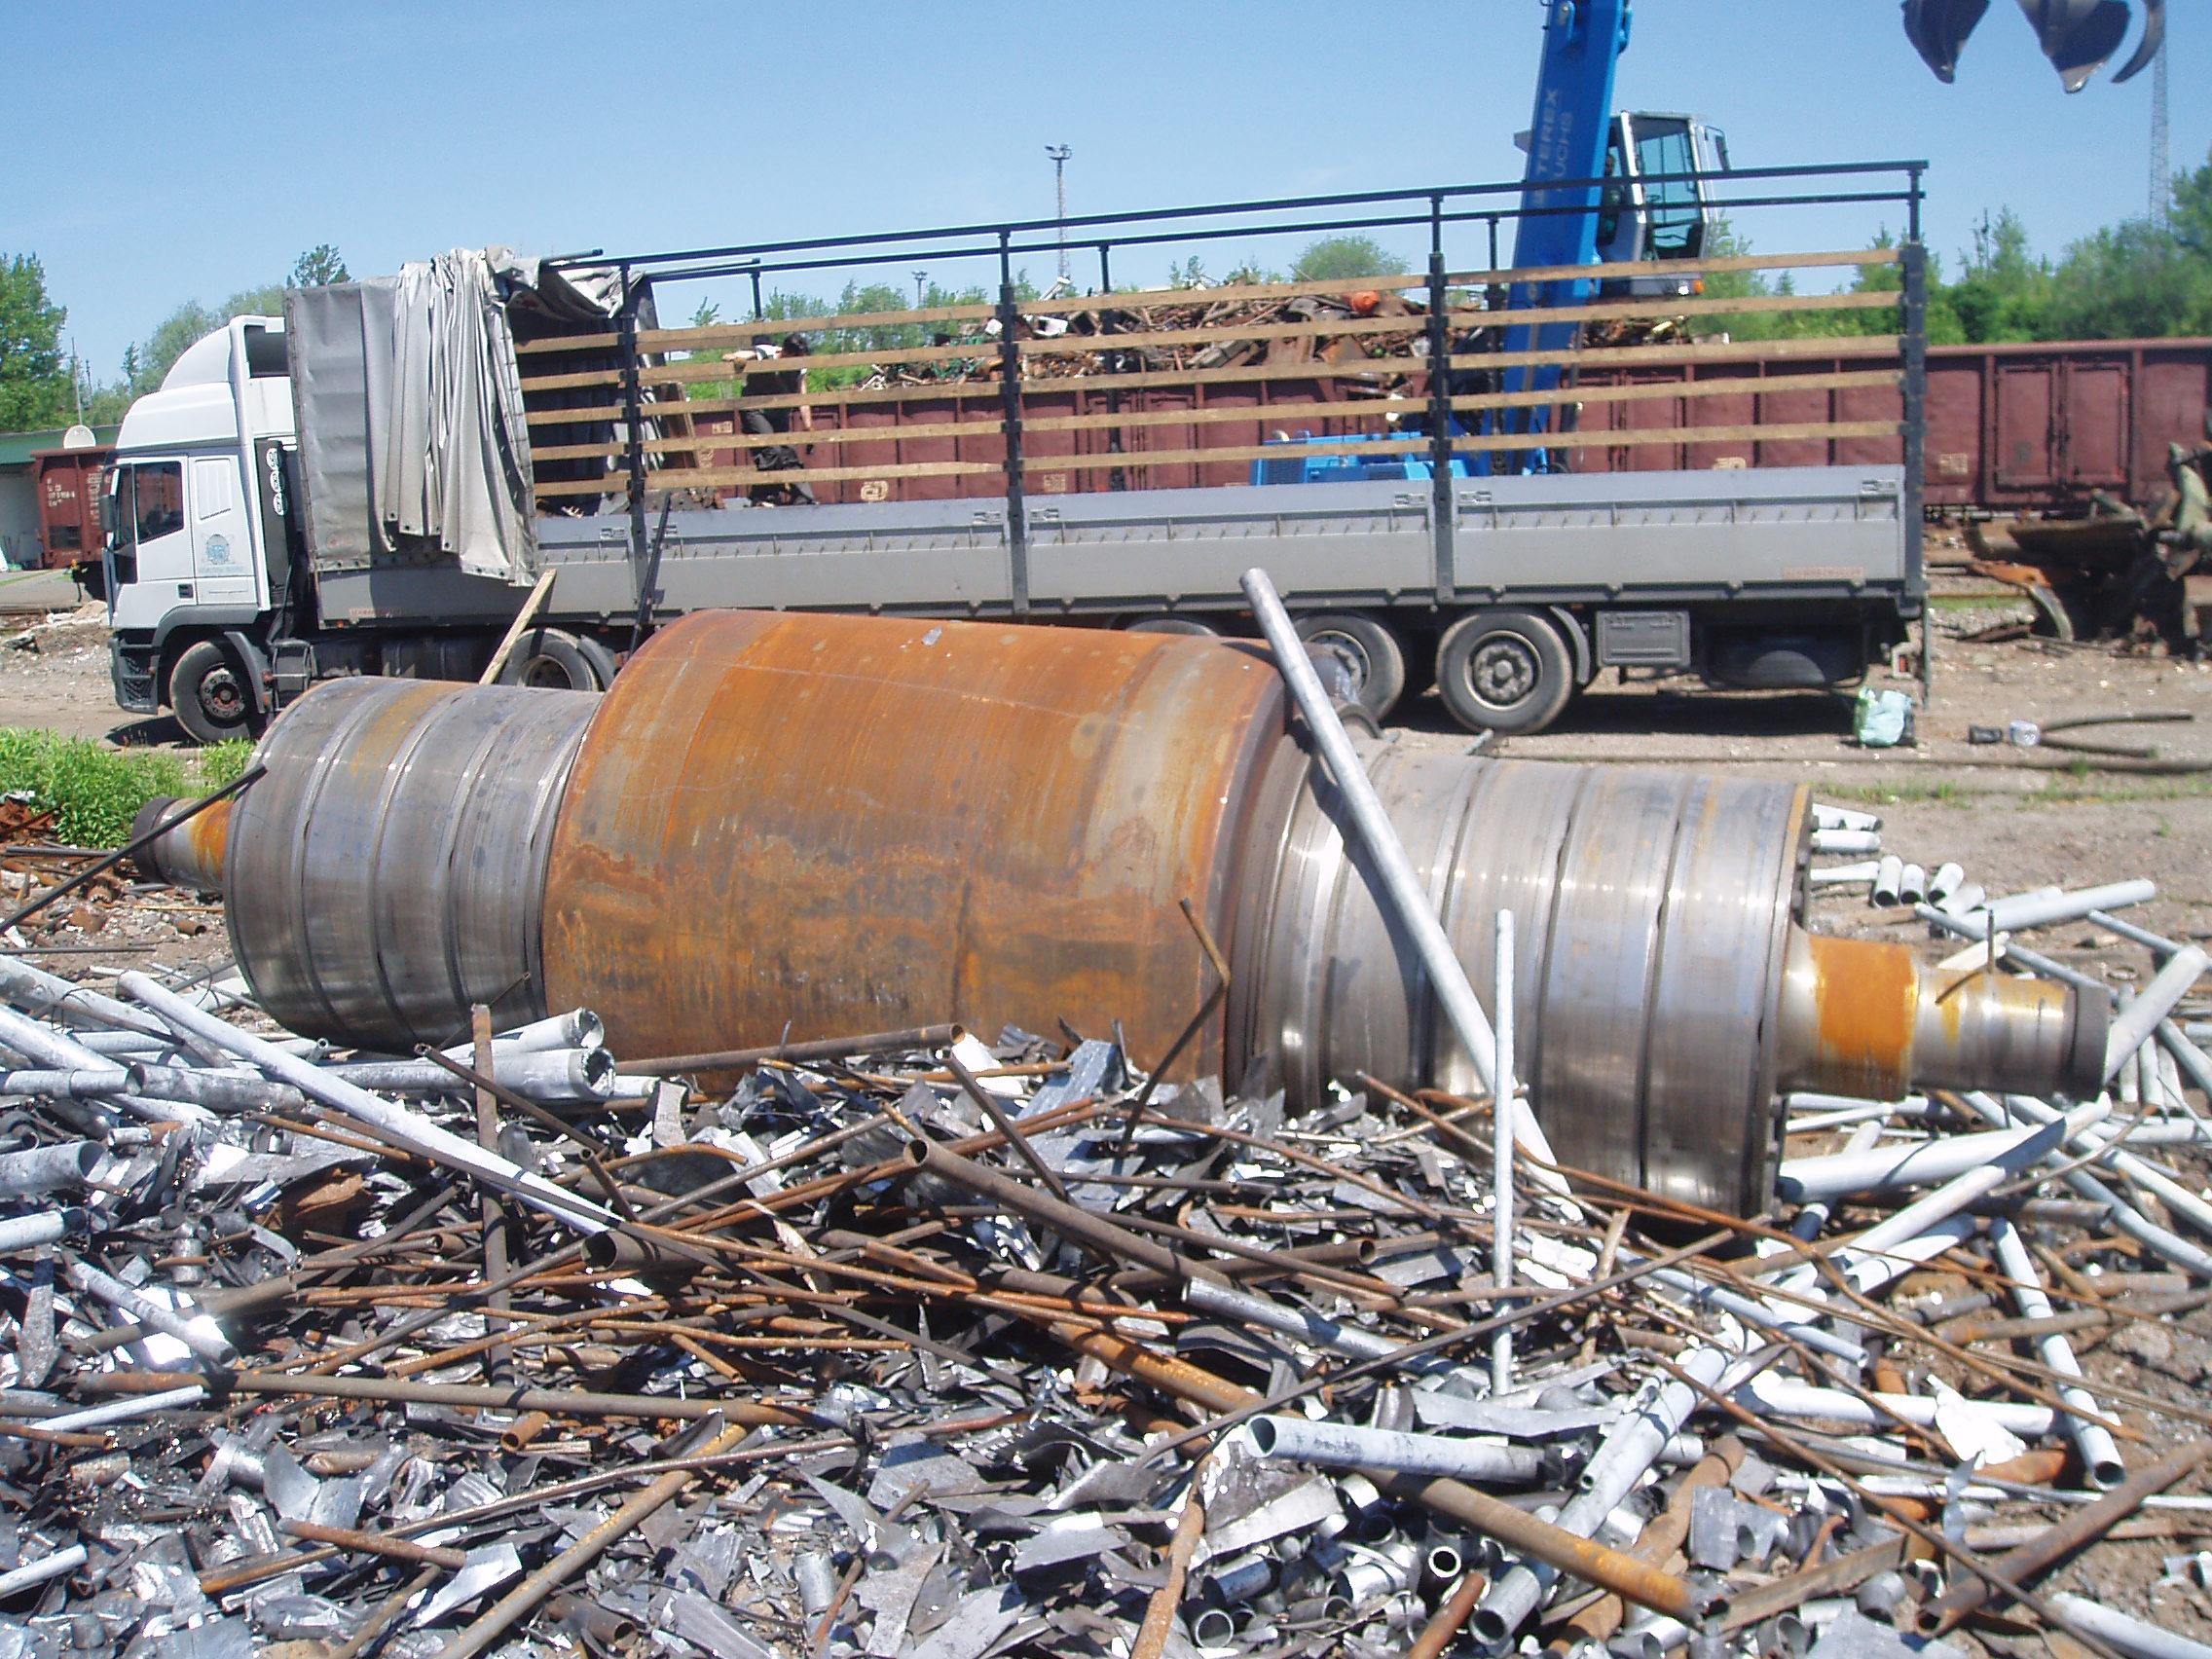 Likvidace odpadů, výkup železného šrotu - Váš partner pro výkup odpadu